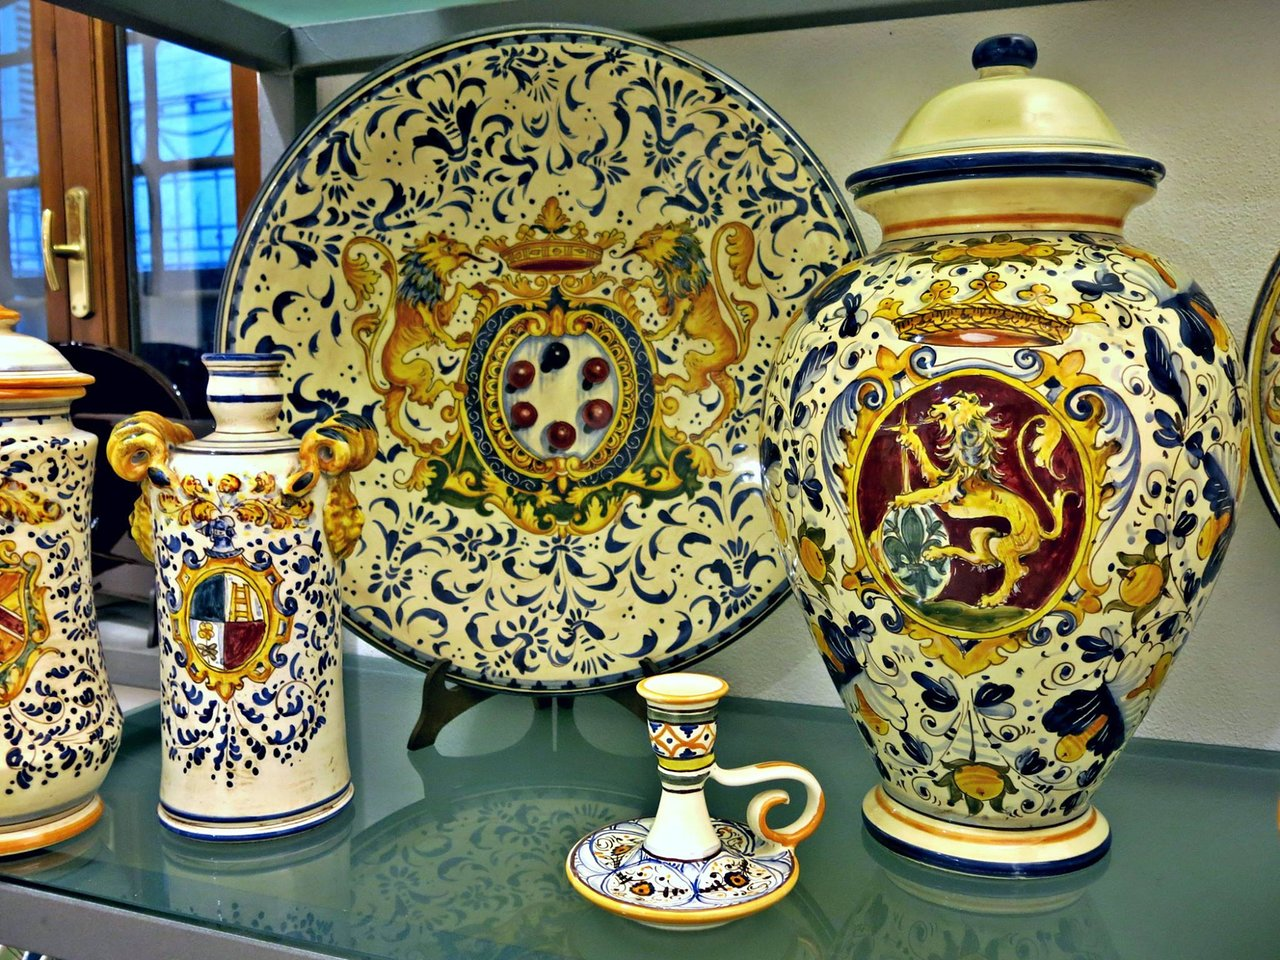 Ceramiche Toscane Montelupo Fiorentino come fare la ceramica toscana fatta a mano: un corso con un ceramista a  montelupo